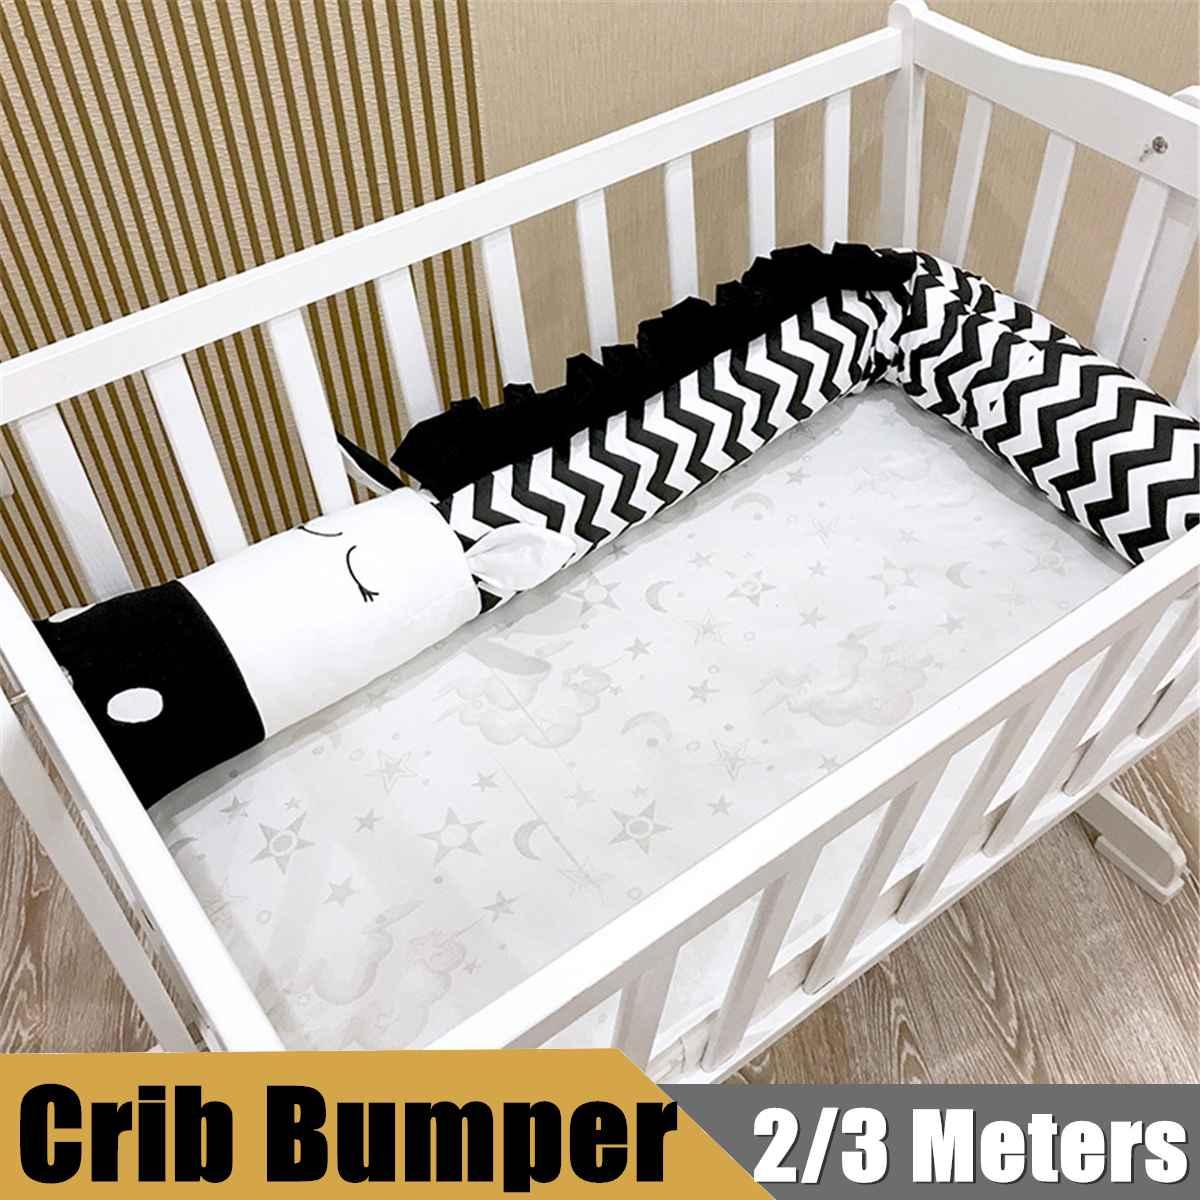 Zèbre bébé enfants lit berceau pare-chocs infantile Crocodile zèbre en forme d'oreiller coton coussin protecteur chambre décoration literie 2/3 mètres